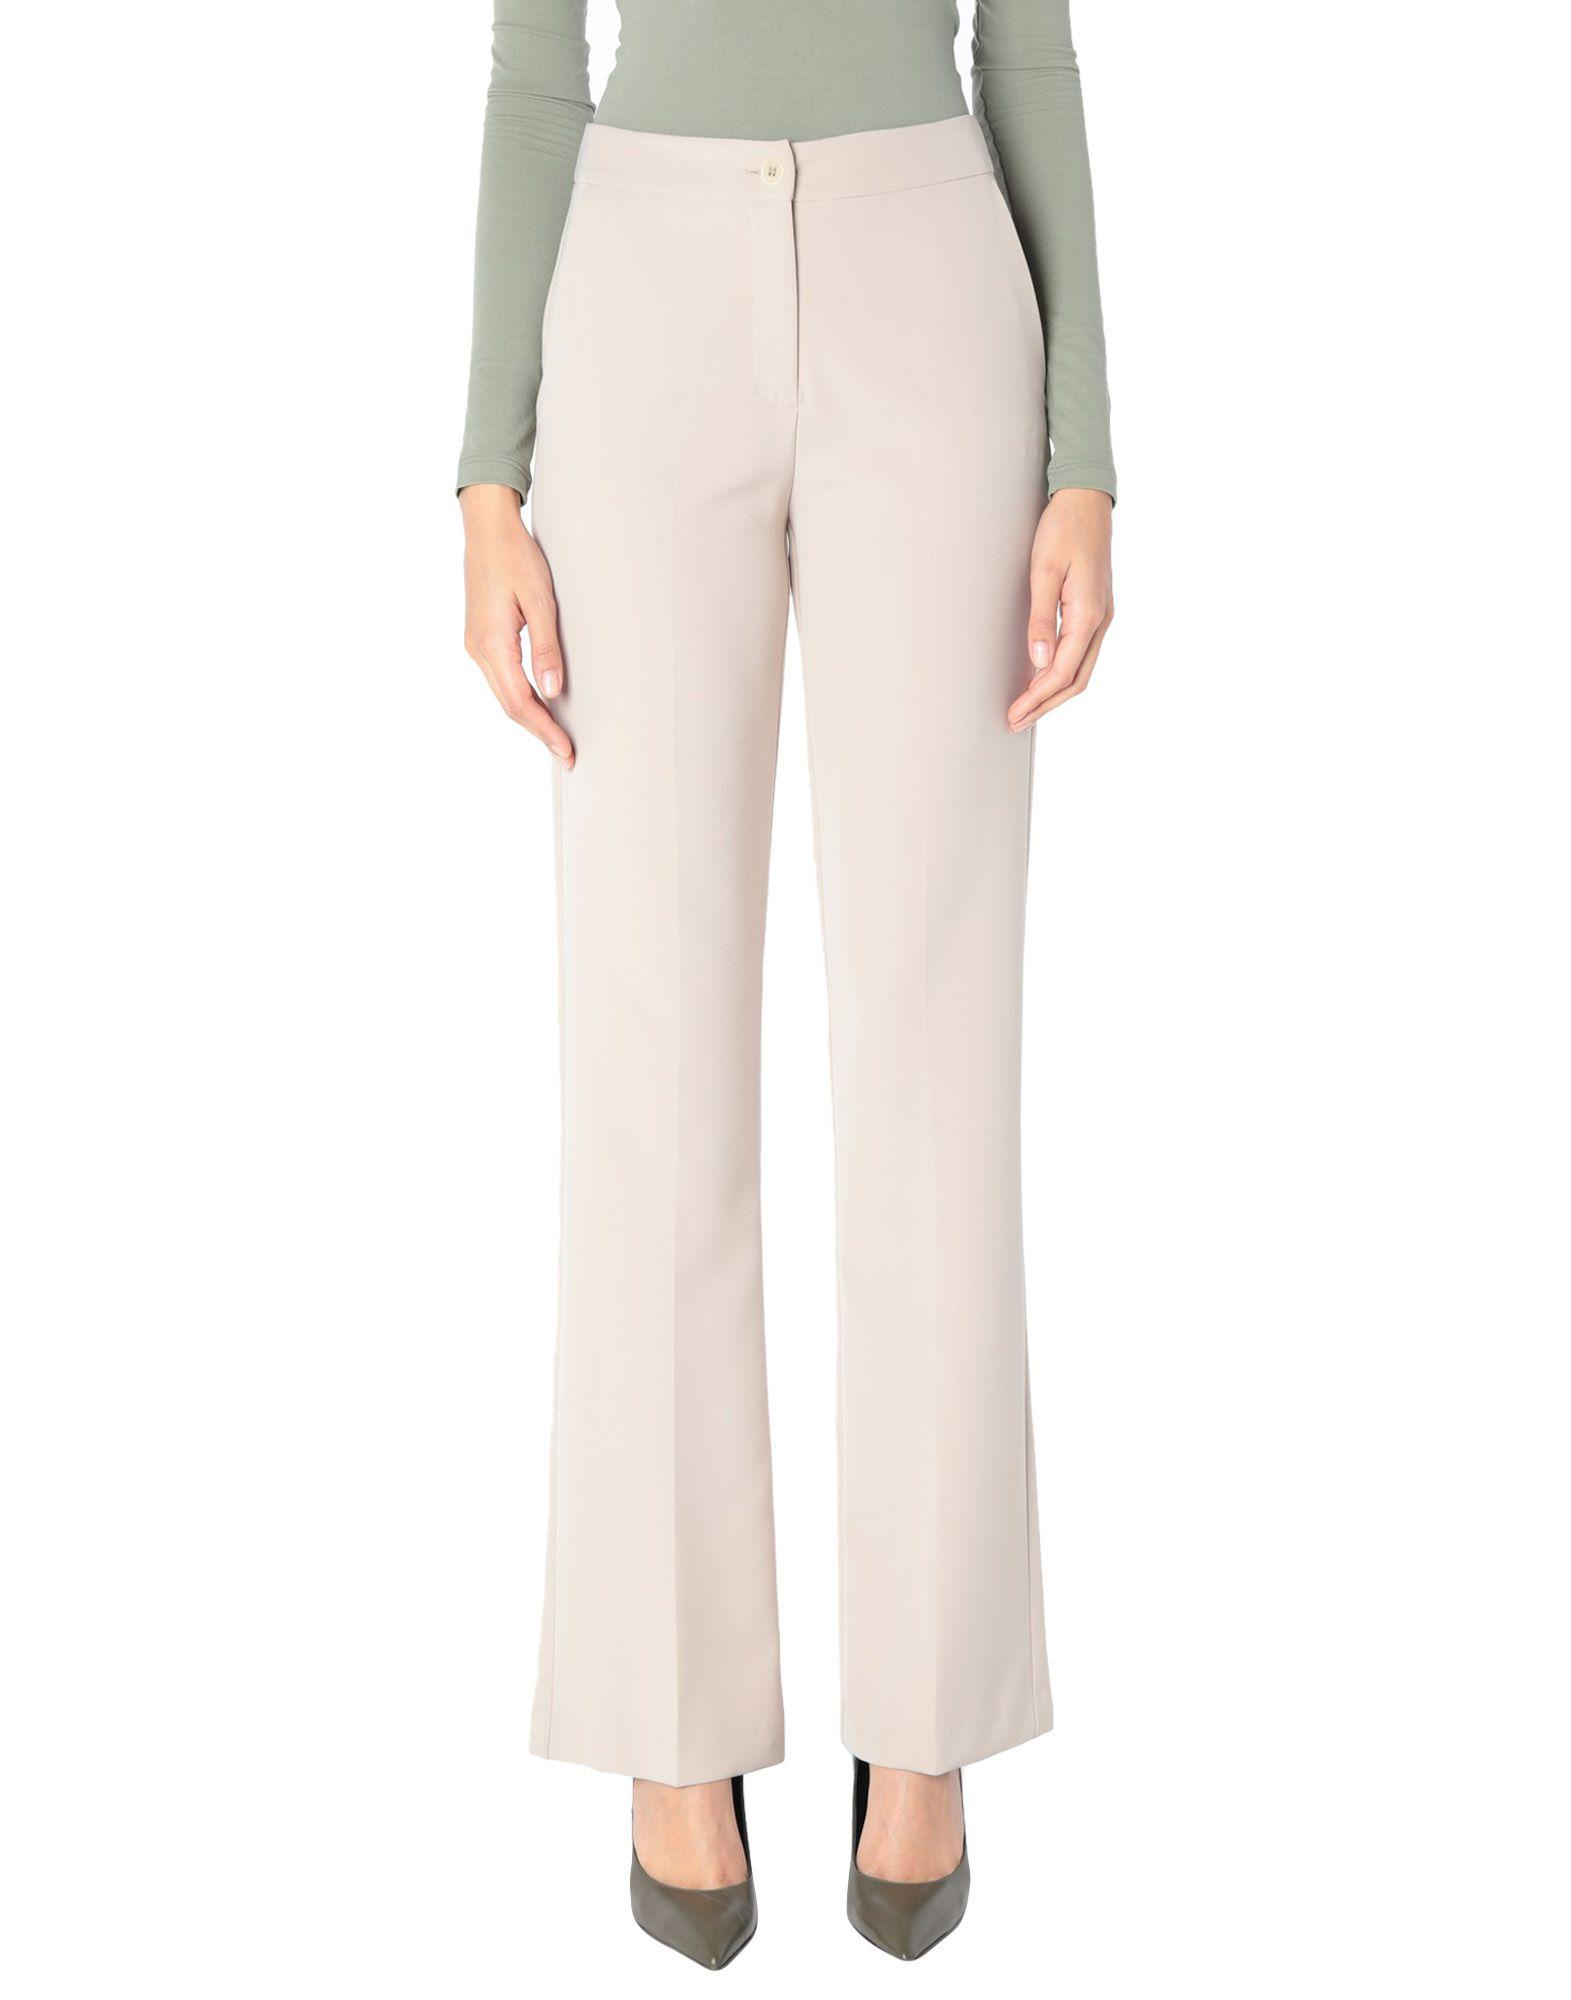 bf72bb544eb9d Pantalones Hopper para Mujer para Colección Primavera-Verano y  Otoño-Invierno